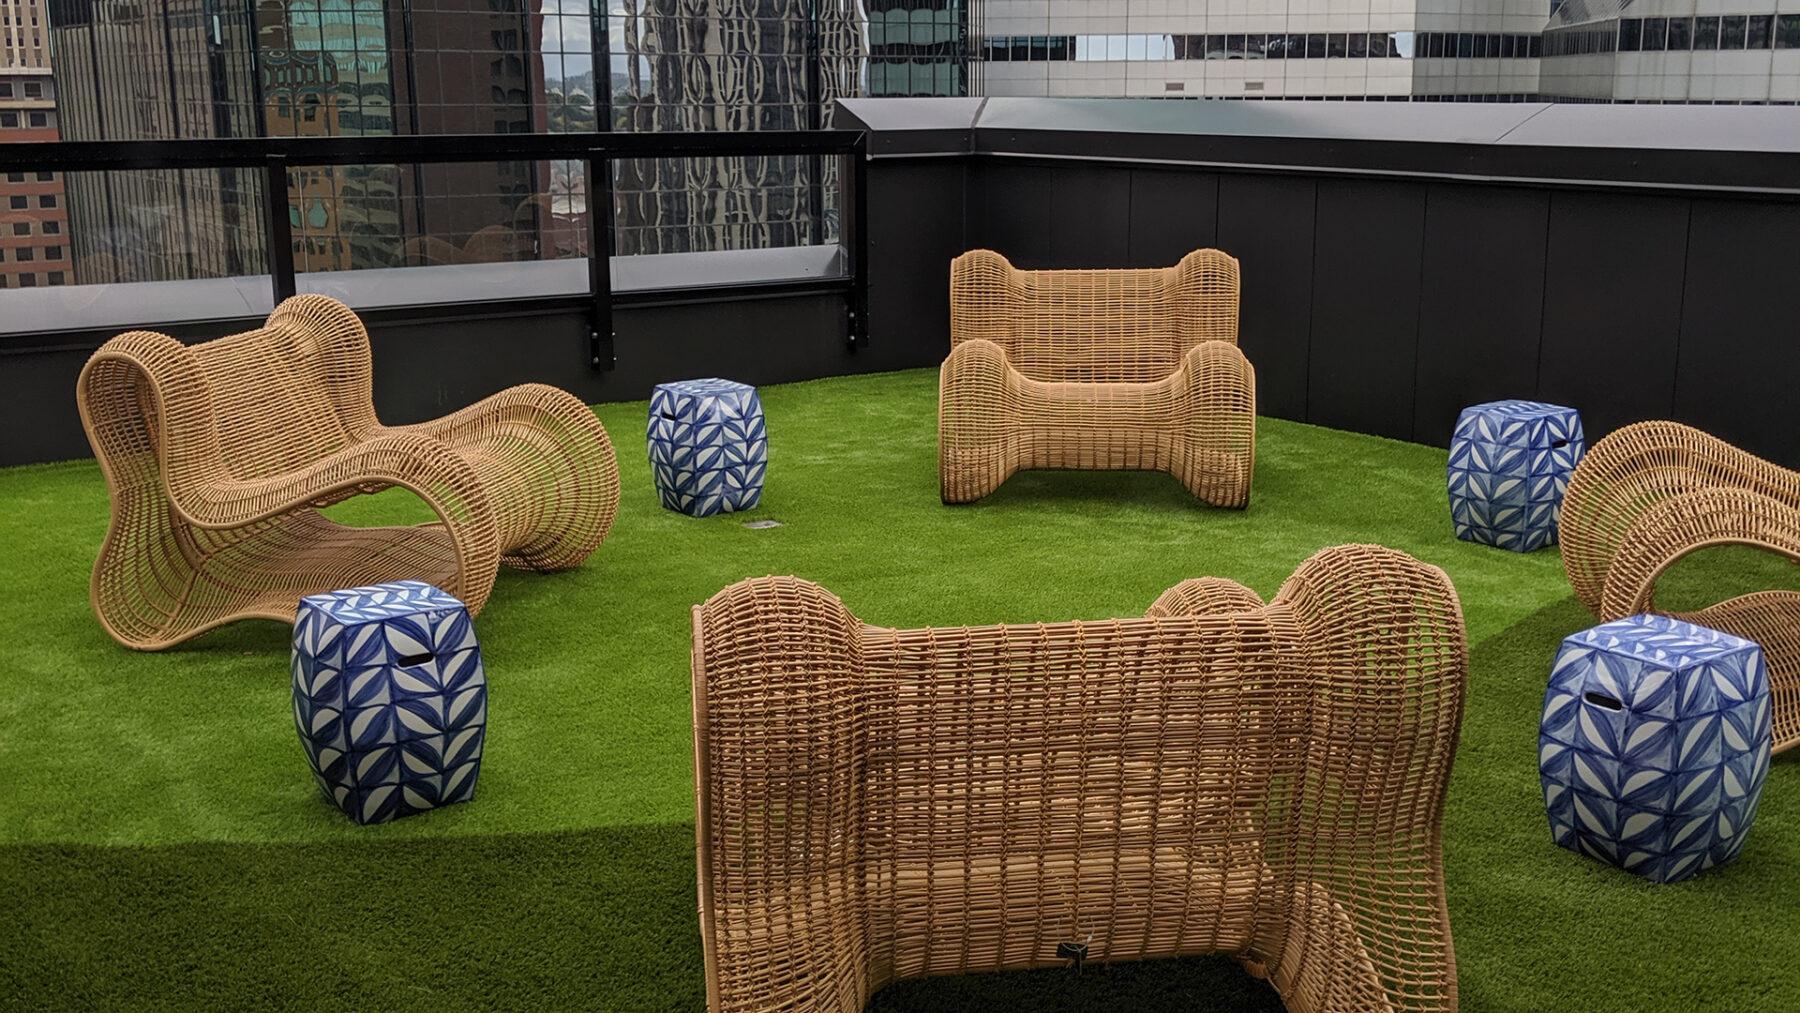 New York Artificial roof top grass